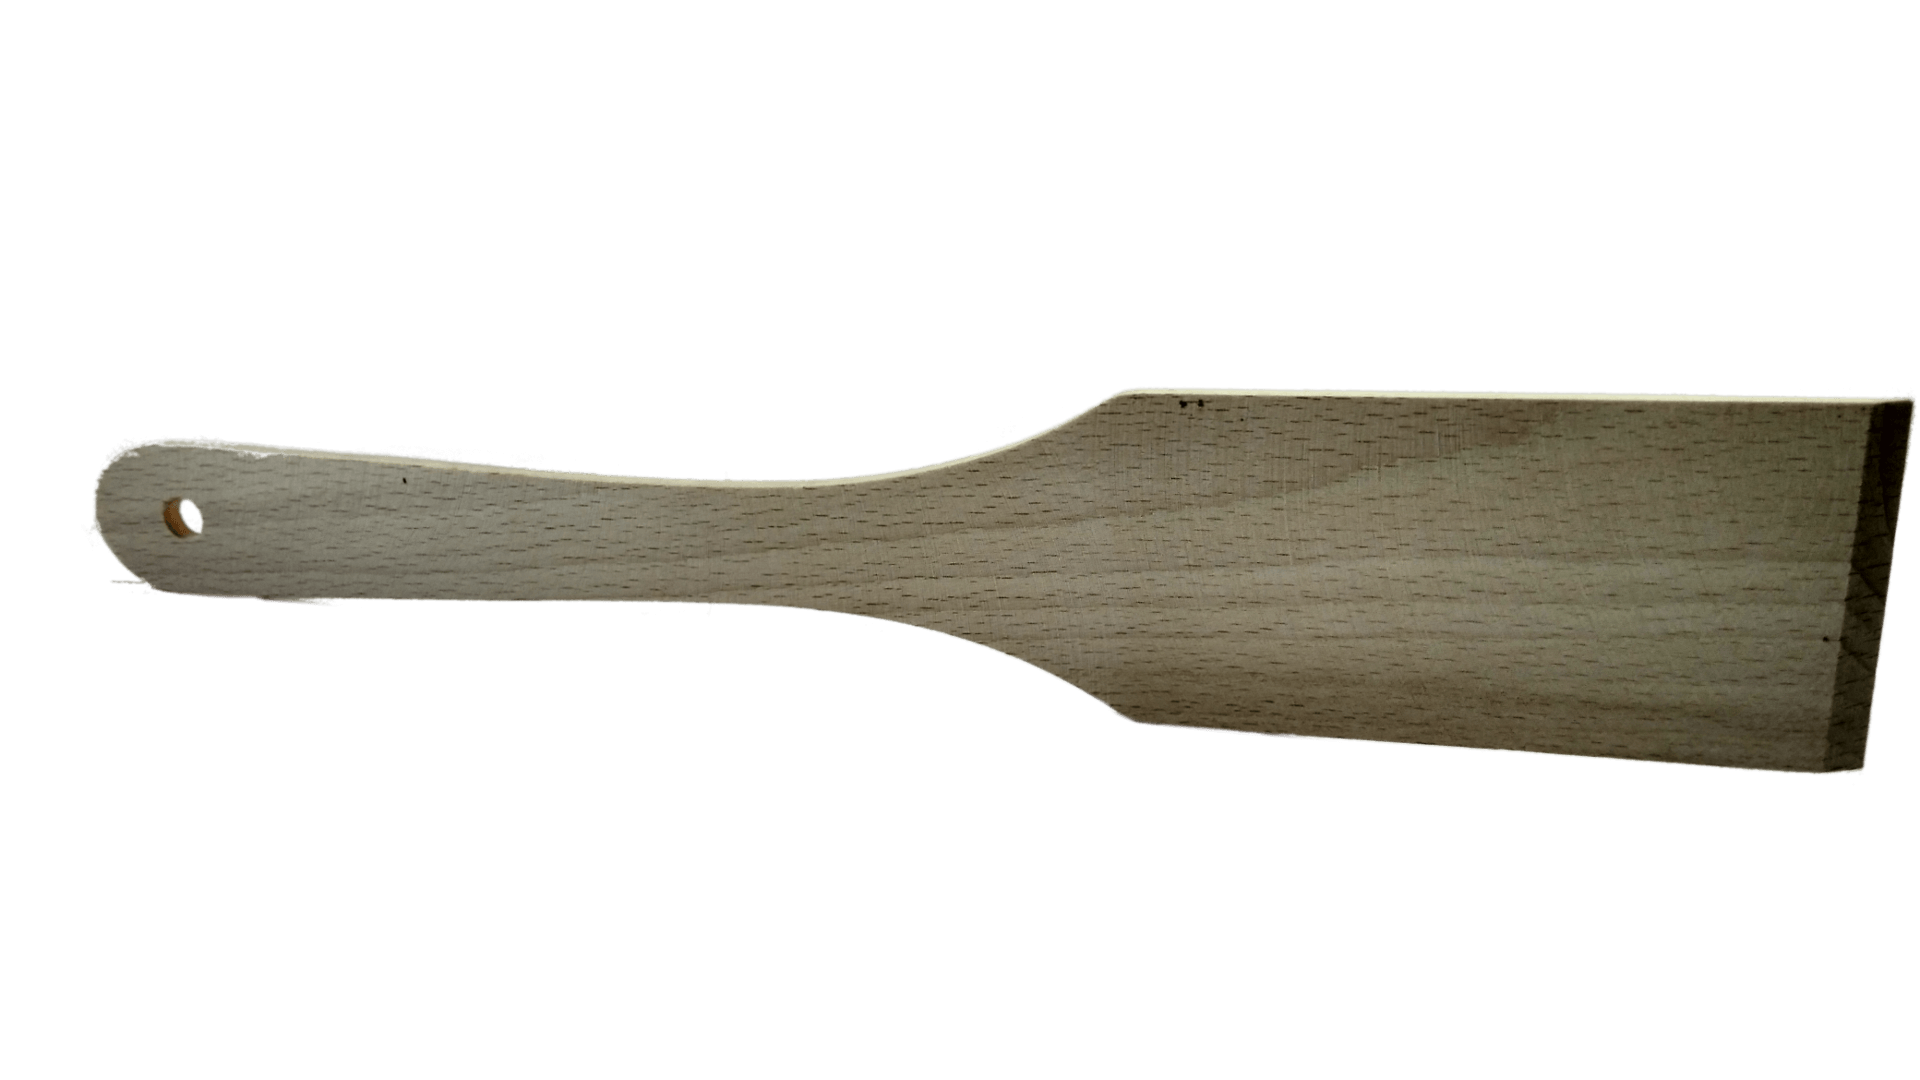 szpatulka3_2